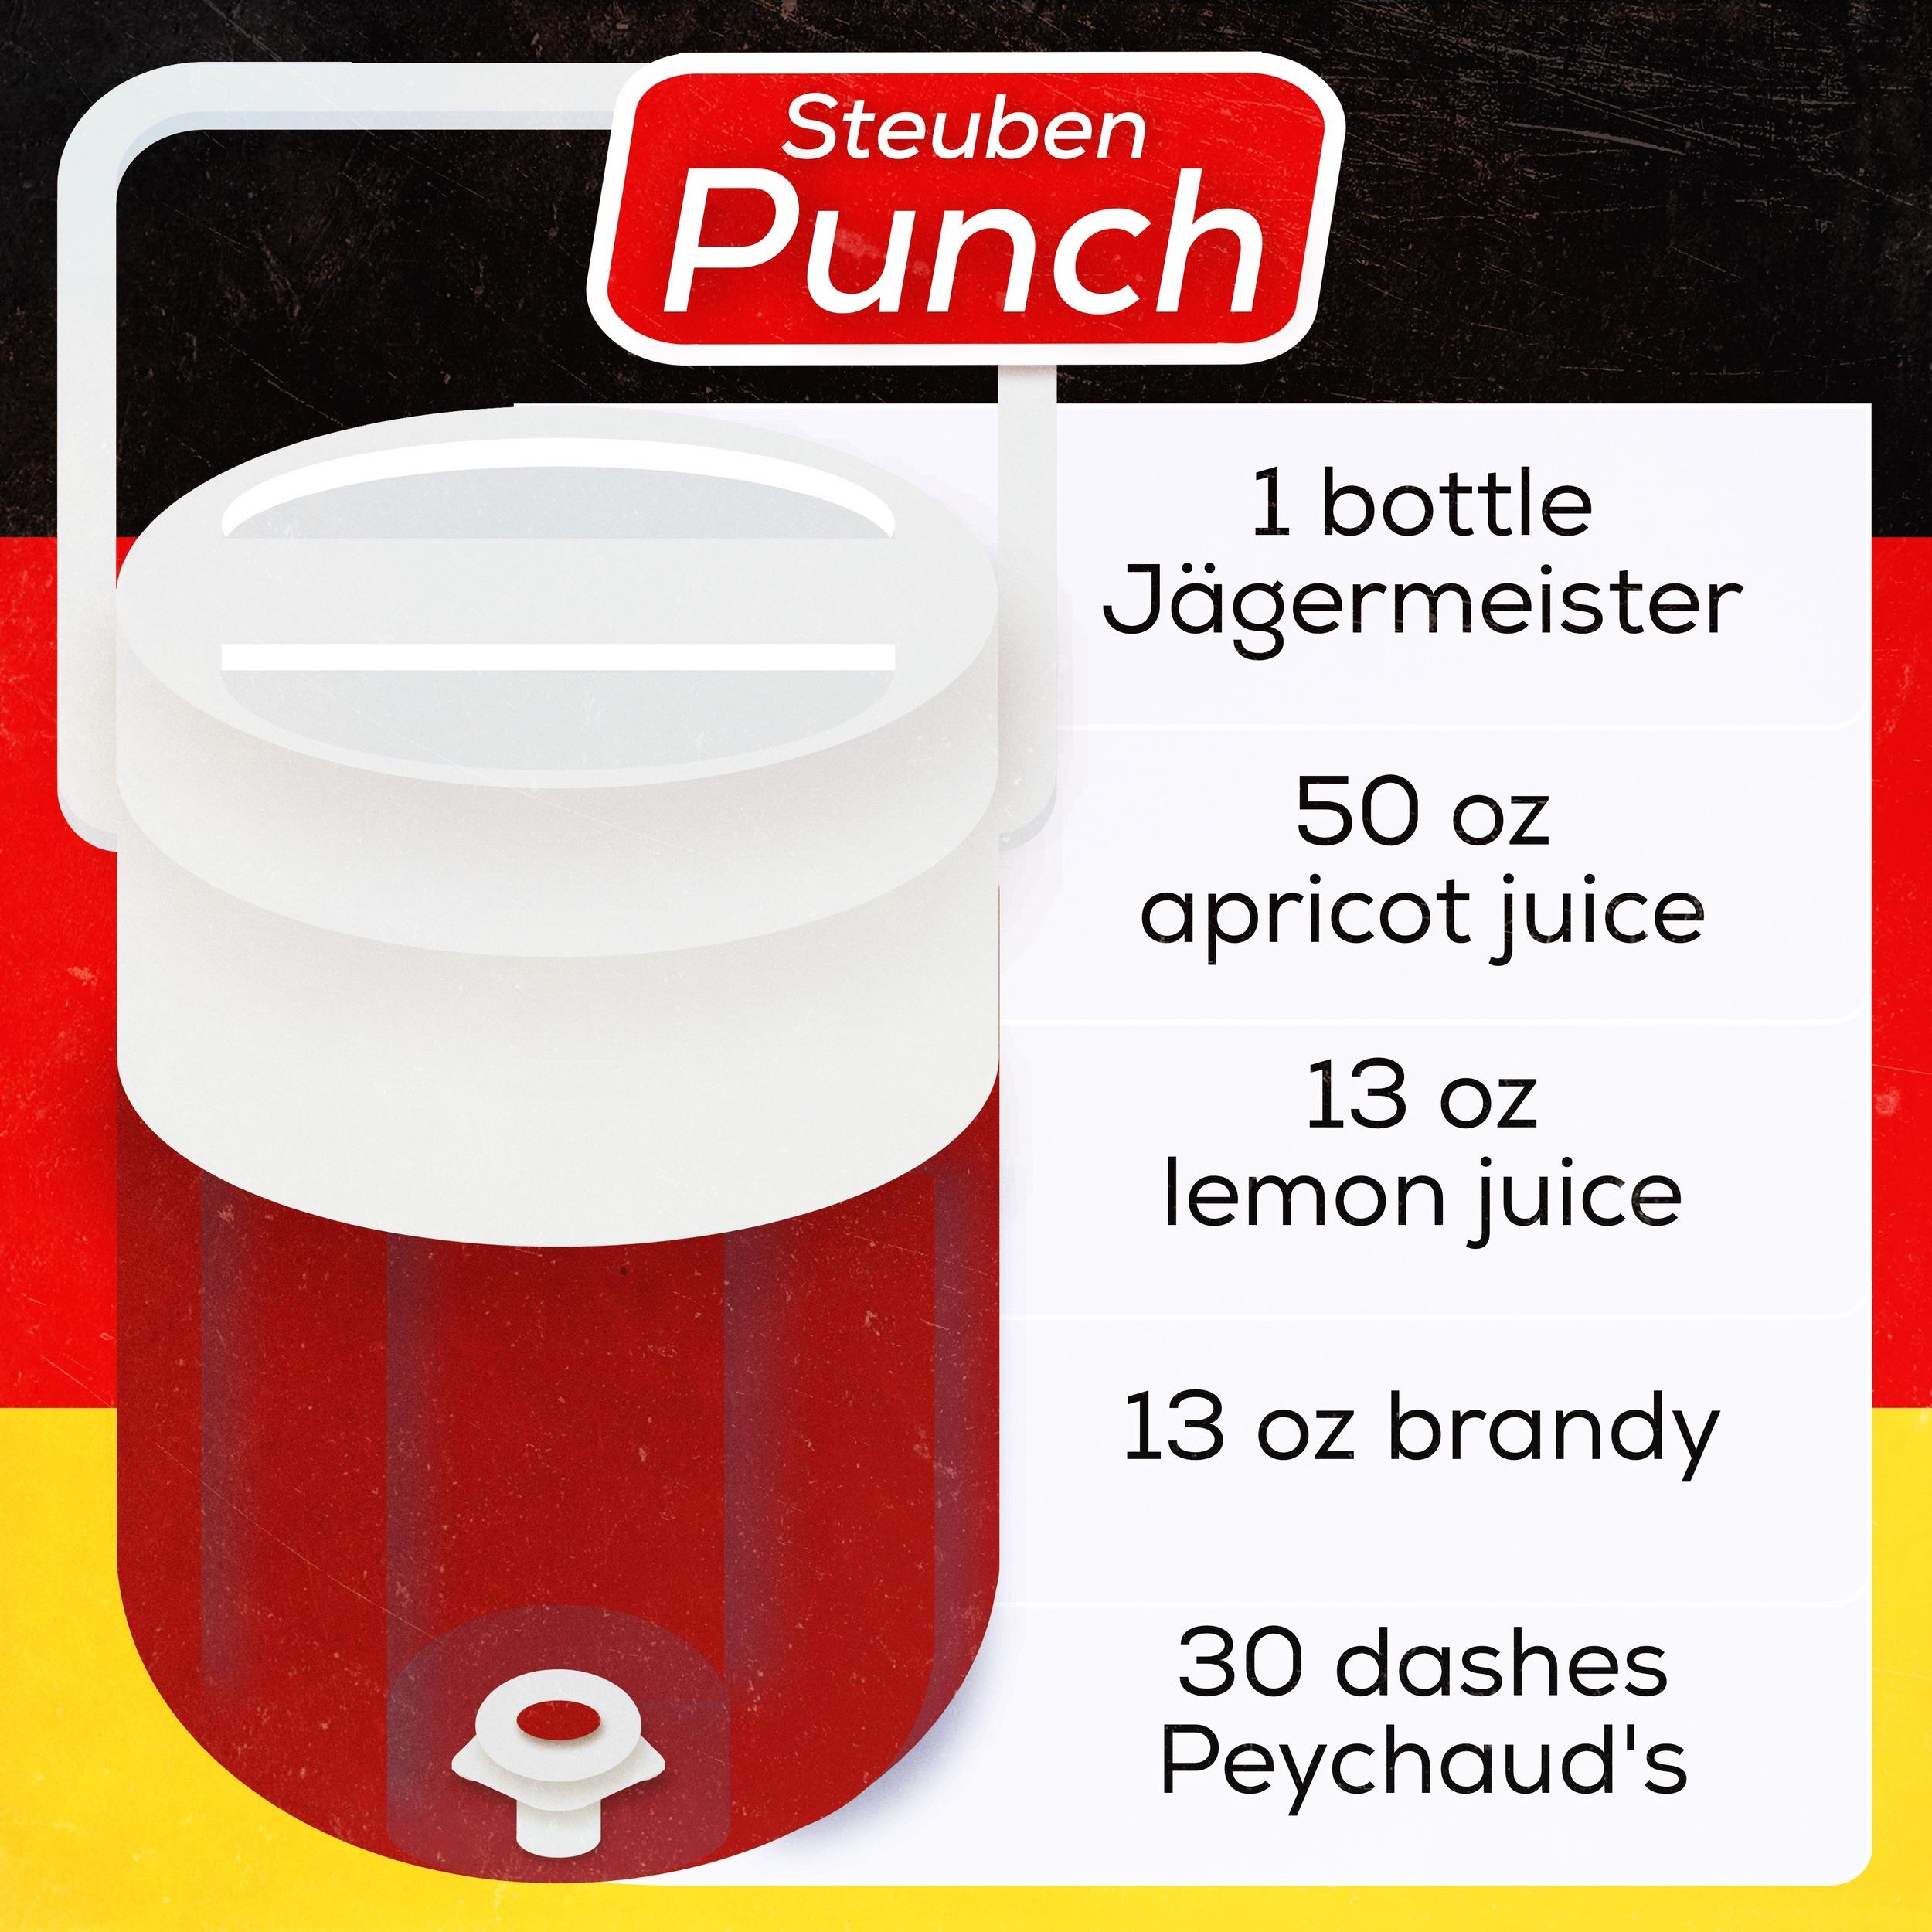 coleman cooler 4th of july steuben punch andrew bohrer.JPG